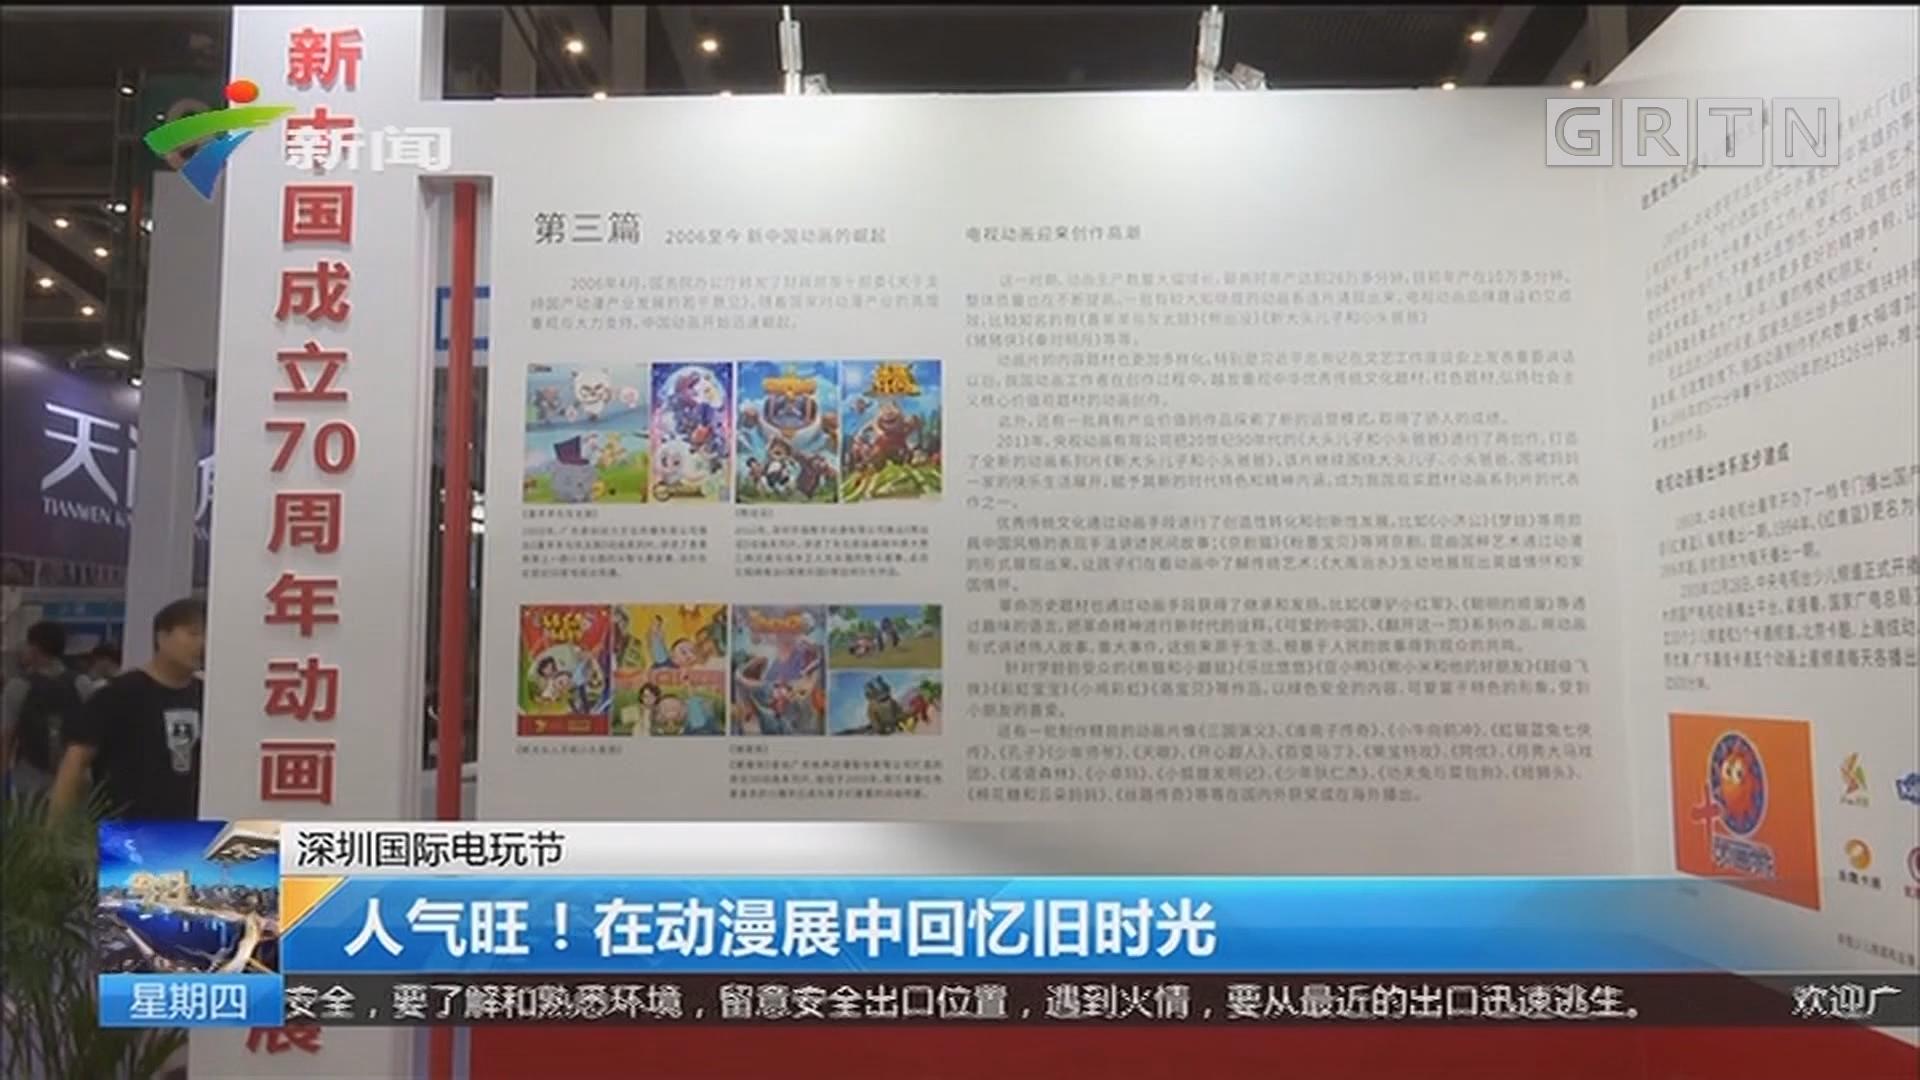 深圳国际电玩节 人气旺!在动漫展中回忆旧时光